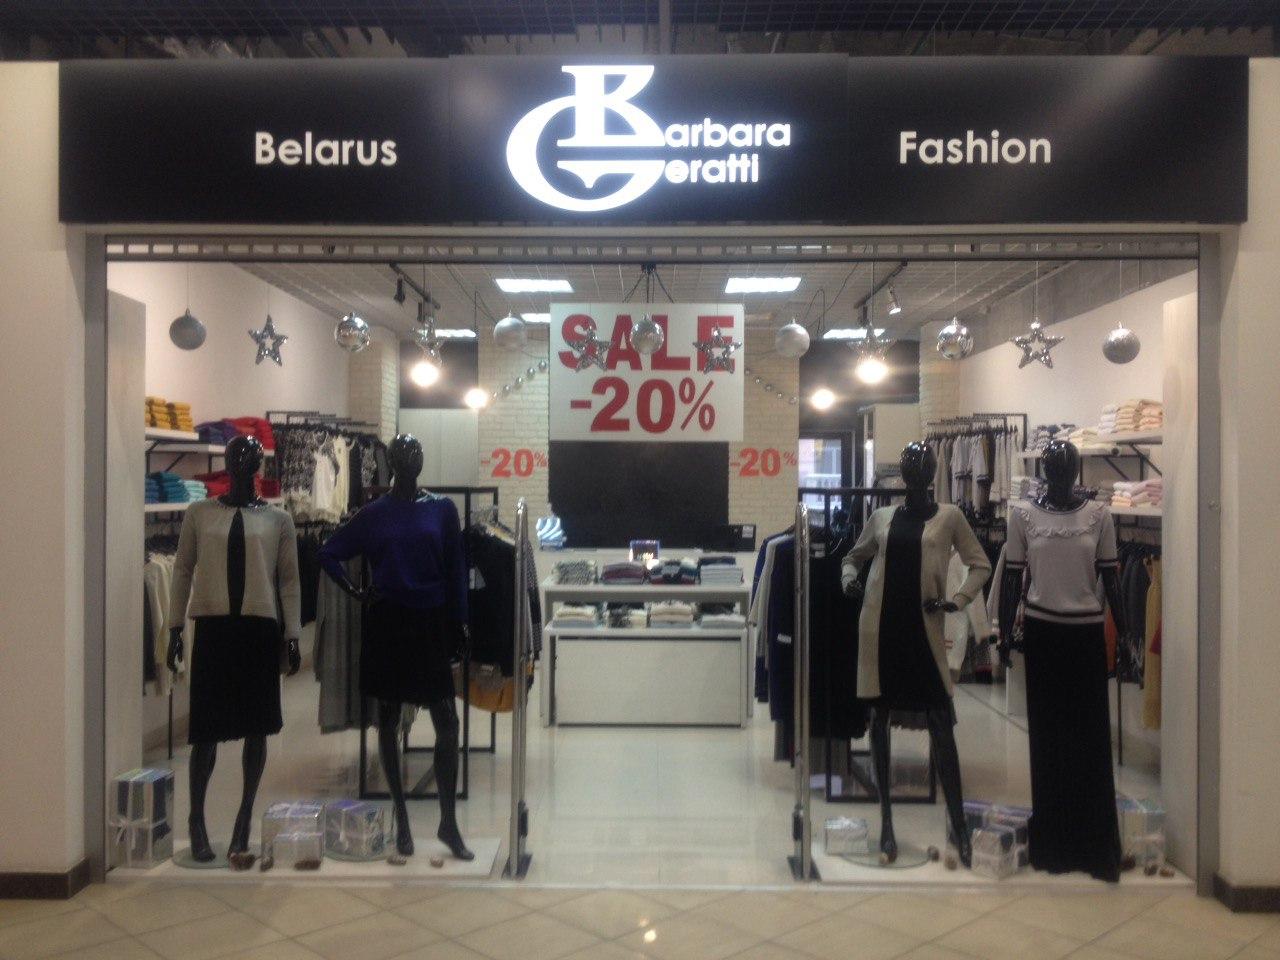 Barbara Geratti магазин женской одежды в Минске